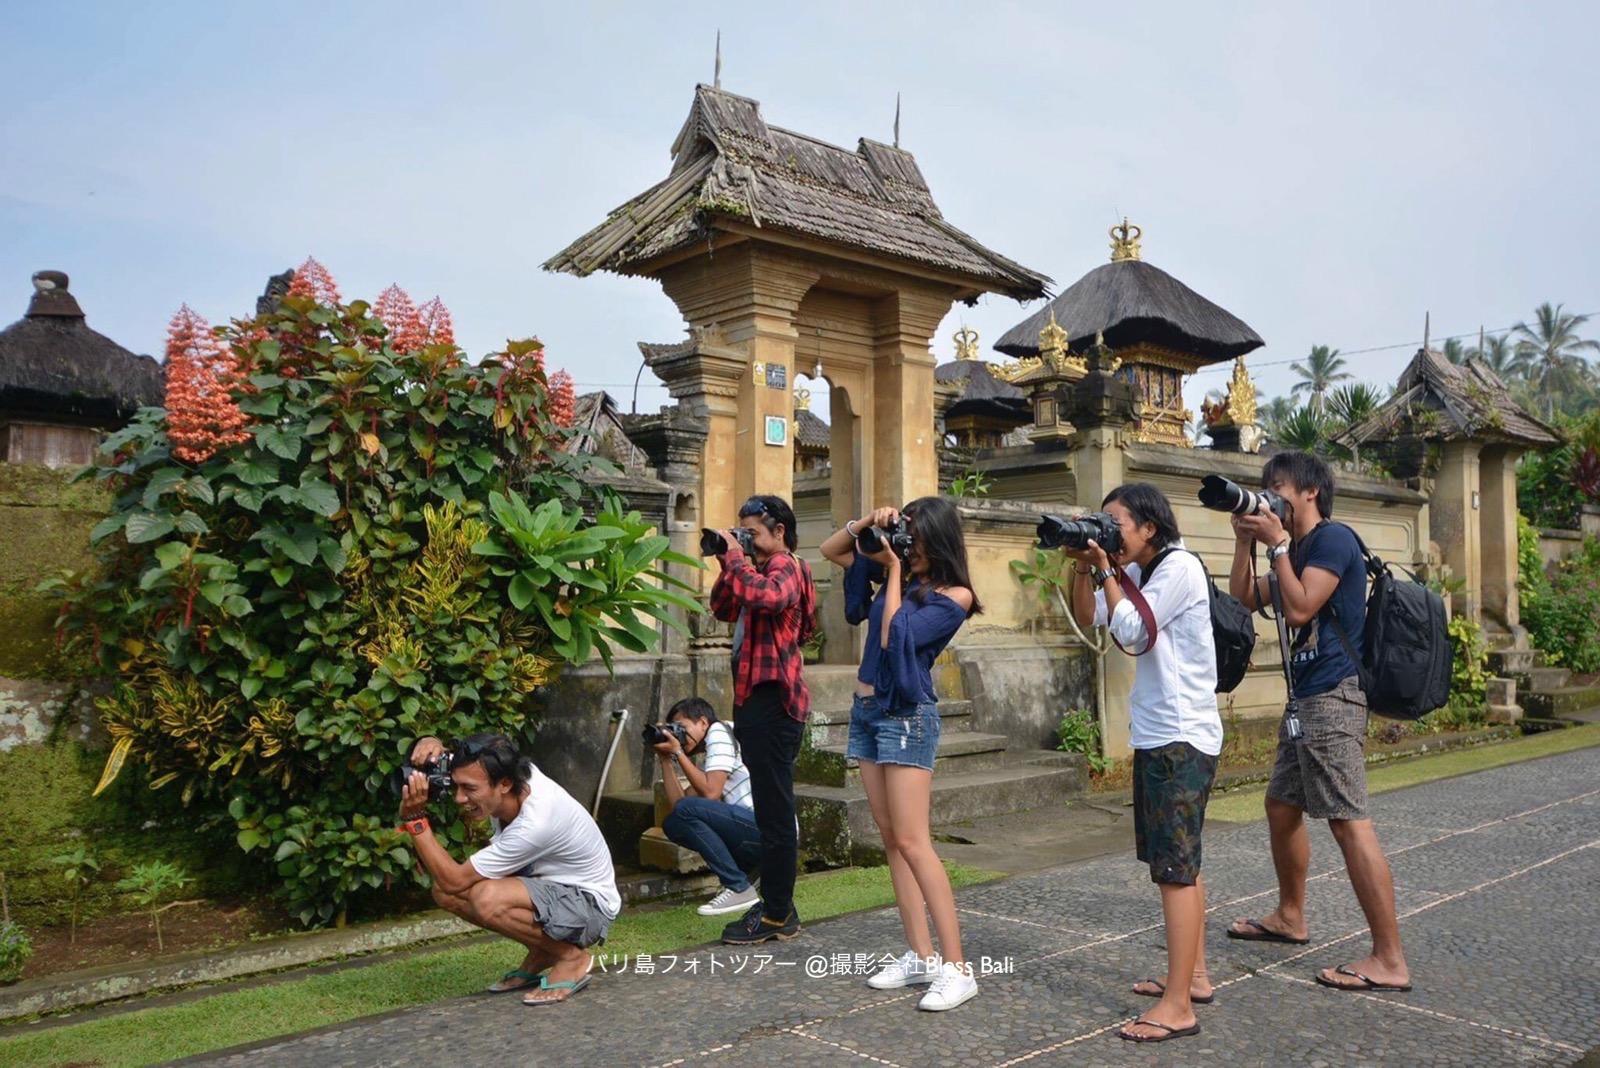 カメラマンが8人揃うと異様な風景になります